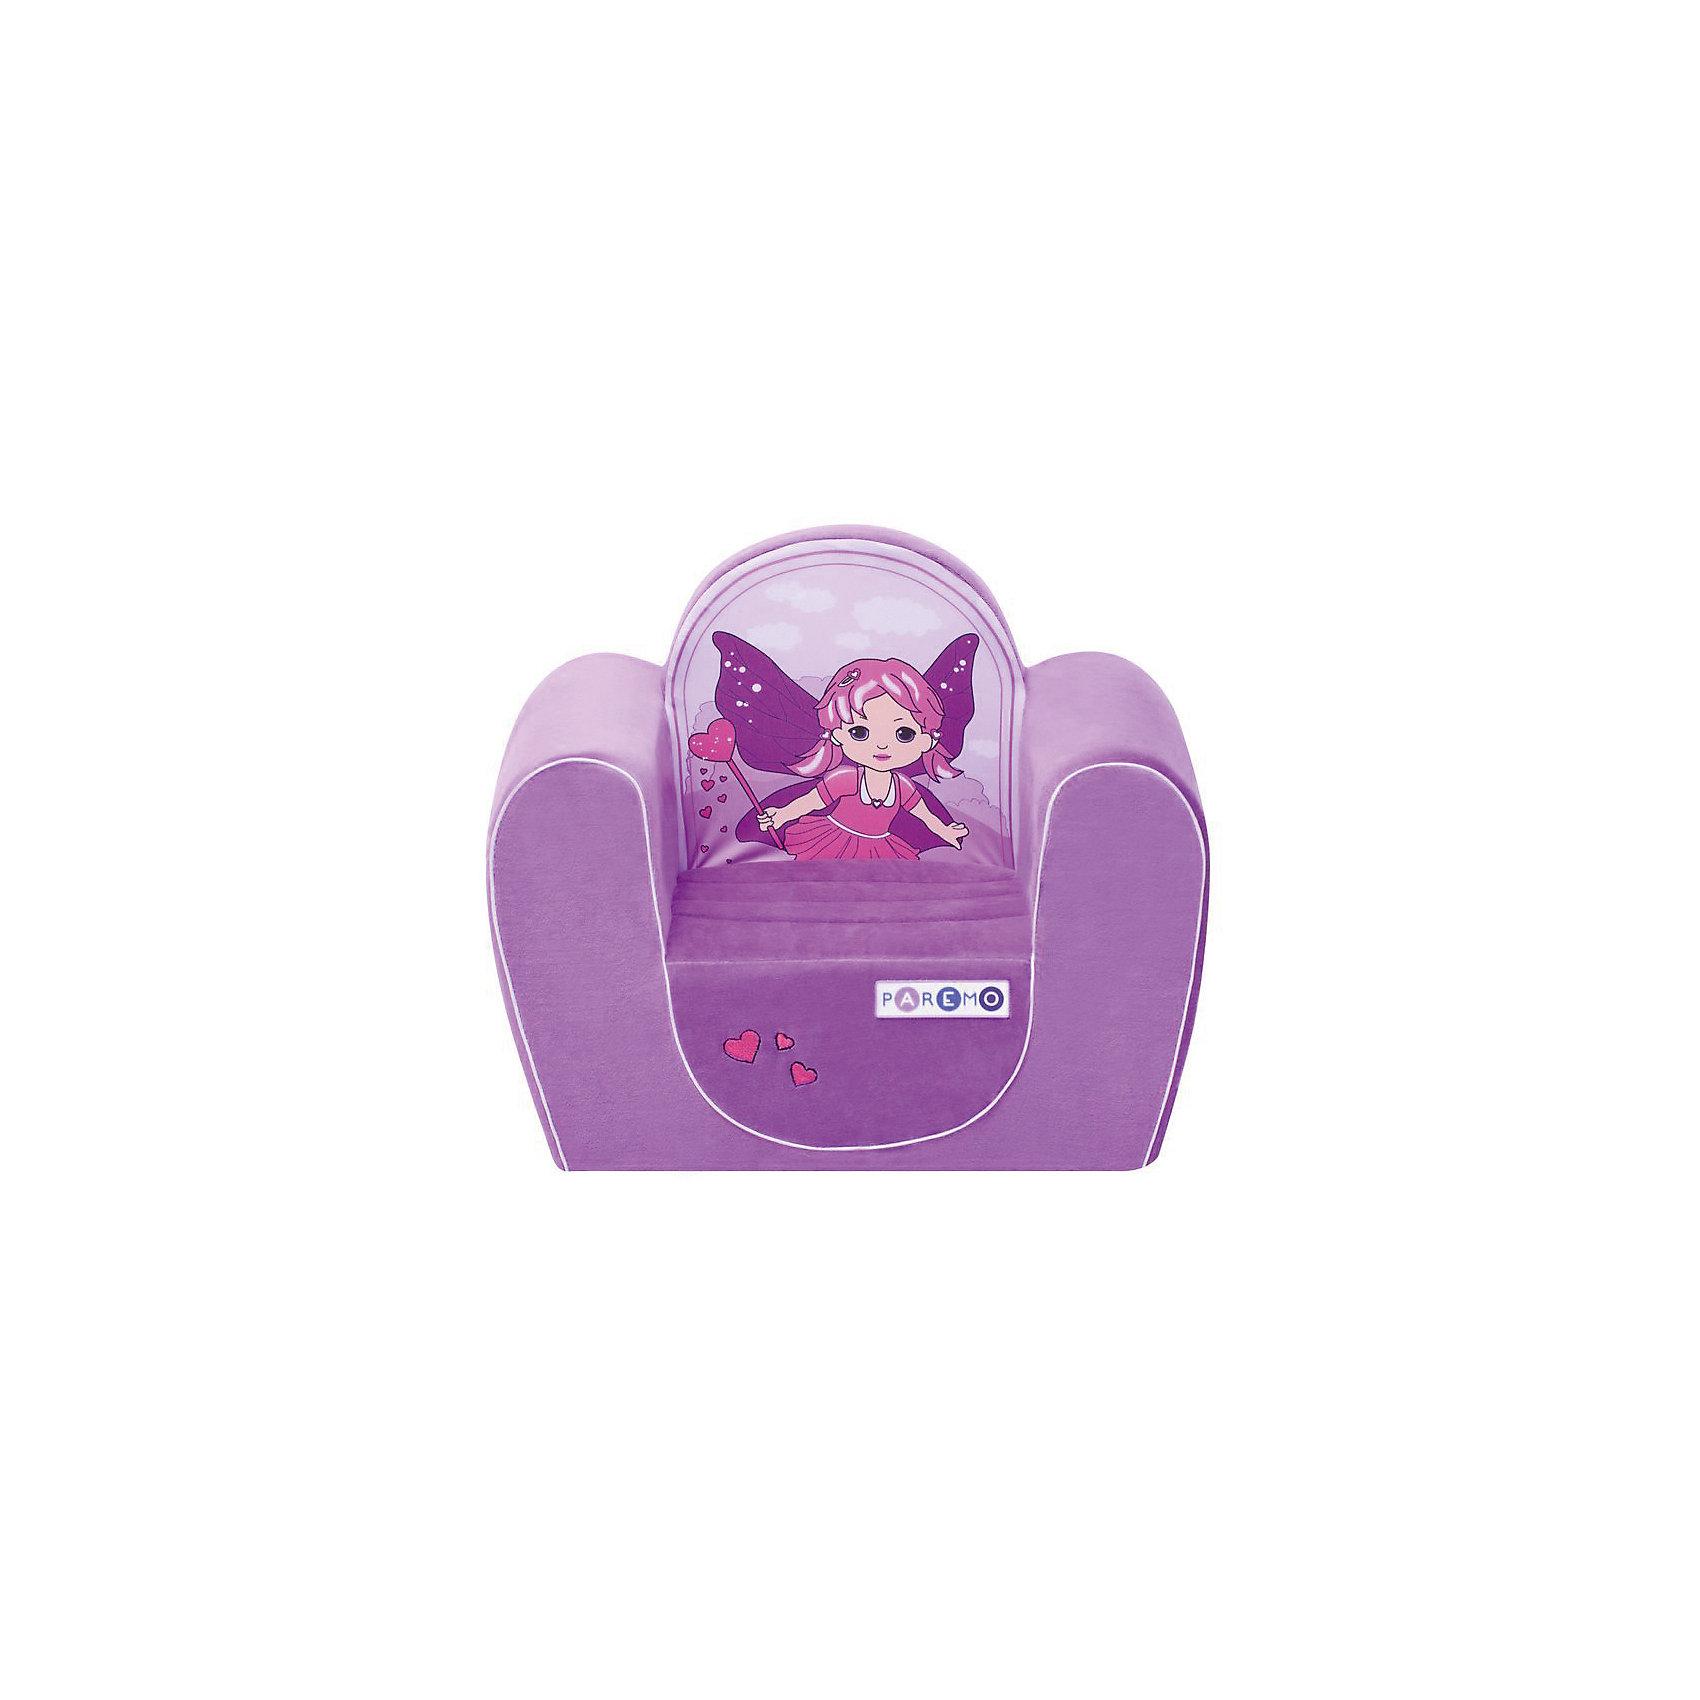 Детское игровое кресло Фея, сиреневый, PAREMOДомики и мебель<br>Детское игровое кресло Фея, сиреневый, PAREMO (ПАРЕМО).<br><br>Характеристики:<br><br>• Размер: 54х45х38 см.<br>• Вес: 3 кг.<br>• Высота от пола до сидения: 18 см.<br>• Размер сидения: 28х26 см.<br>• Материал чехла: велюр, текстиль<br>• Наполнитель: пенополиуретан<br>• Цвет: сиреневый<br>• Упаковка: пакет<br><br>Яркое детское игровое кресло «Фея» с изображением сказочной феи создано для девочек в возрасте от года до четырех лет. Оно имеет бескаркасную, абсолютно безопасную конструкцию. Острые углы отсутствуют. Мягкое и эргономичное сидение принимает нужную форму под весом ребенка, что делает кресло максимально комфортным. Высота от пола до сидения составляет 18 см, поэтому даже самым маленьким будет удобно садиться в кресло. <br><br>Мягкий чехол приятен на ощупь. Он легко снимается и при необходимости стирается в режиме деликатной стирки при температуре до 30 градусов. Кресло идеально впишется в любой уголок детской комнаты. Оно создаст дополнительное место для игр и станет удобным, укромным местечком, где ваша малышка сможет отдохнуть. Сделано в России!<br><br>Детское игровое креслоФея, сиреневое, PAREMO (ПАРЕМО) можно купить в нашем интернет-магазине.<br><br>Ширина мм: 540<br>Глубина мм: 450<br>Высота мм: 380<br>Вес г: 3000<br>Возраст от месяцев: 12<br>Возраст до месяцев: 120<br>Пол: Женский<br>Возраст: Детский<br>SKU: 5482289